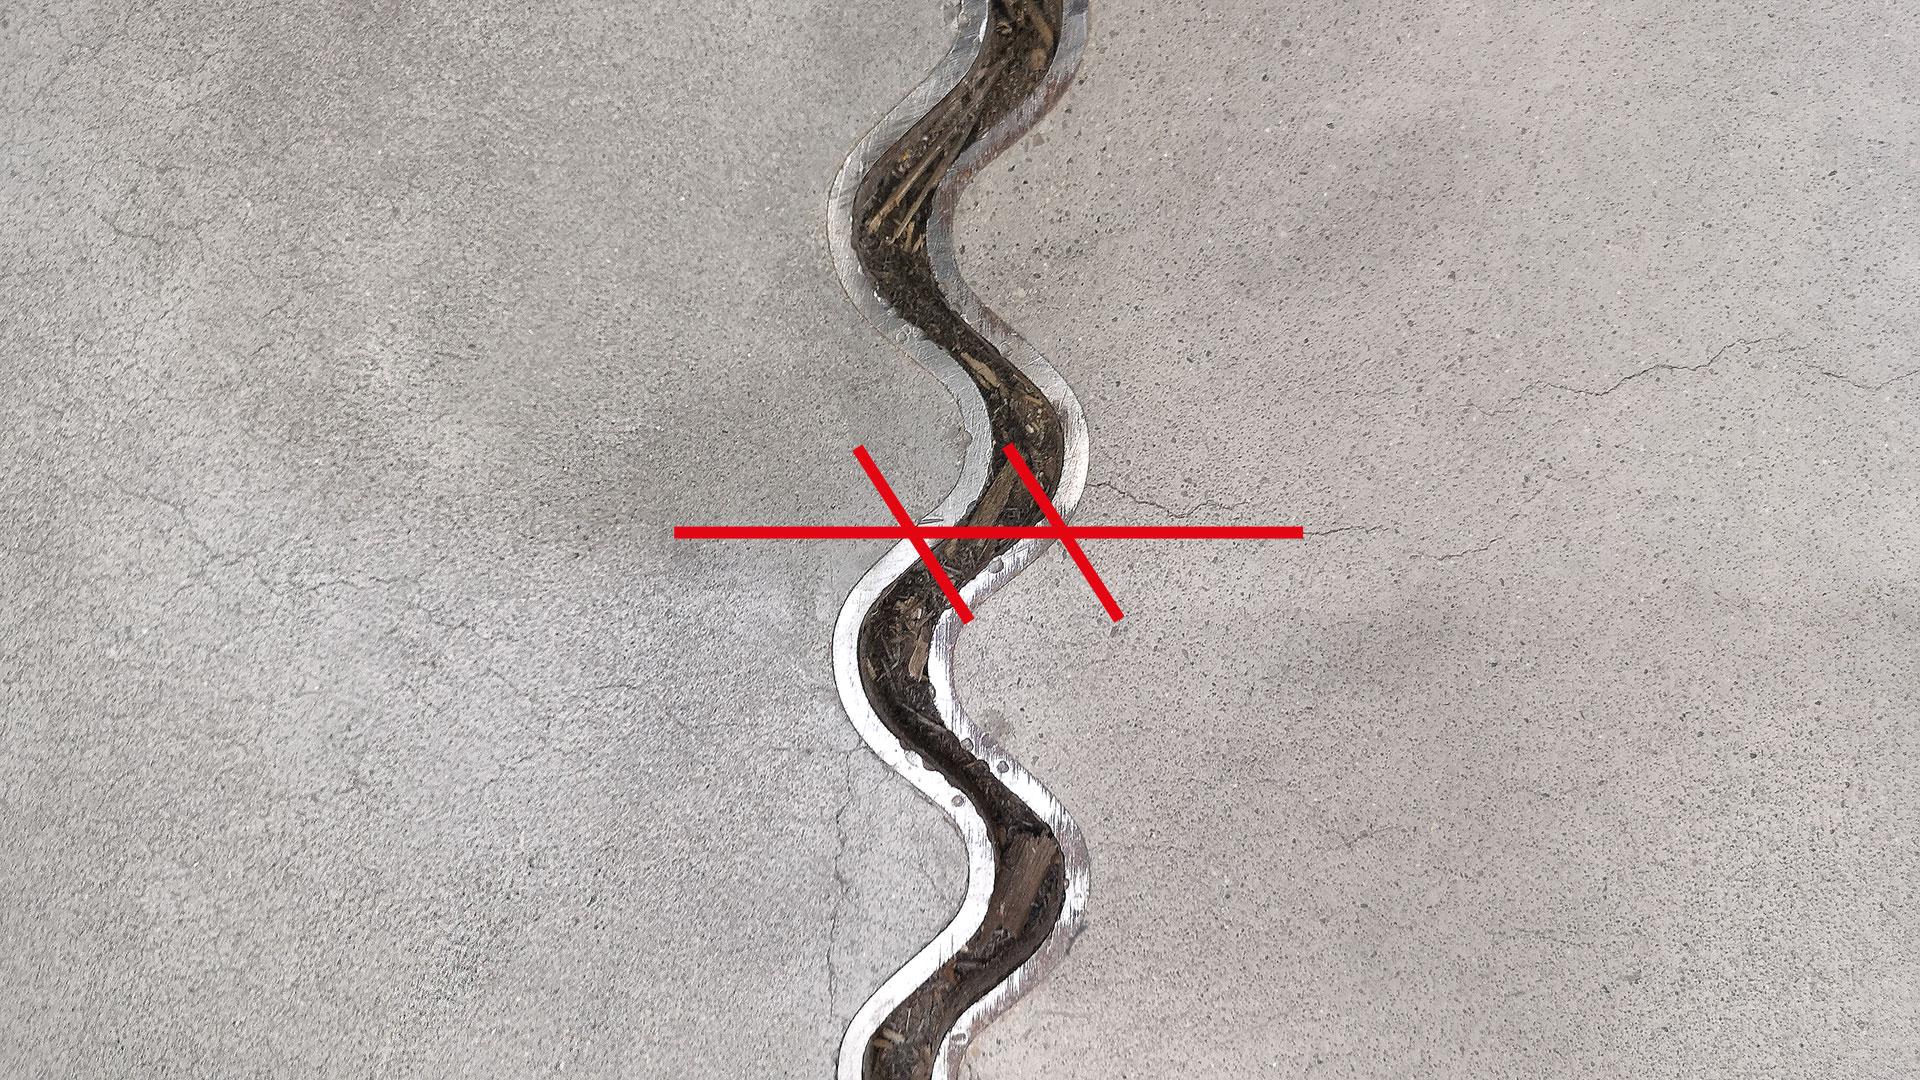 quiflex neubaufuge problem betonschwinden - Quiflex®-Fugen für Neubauten